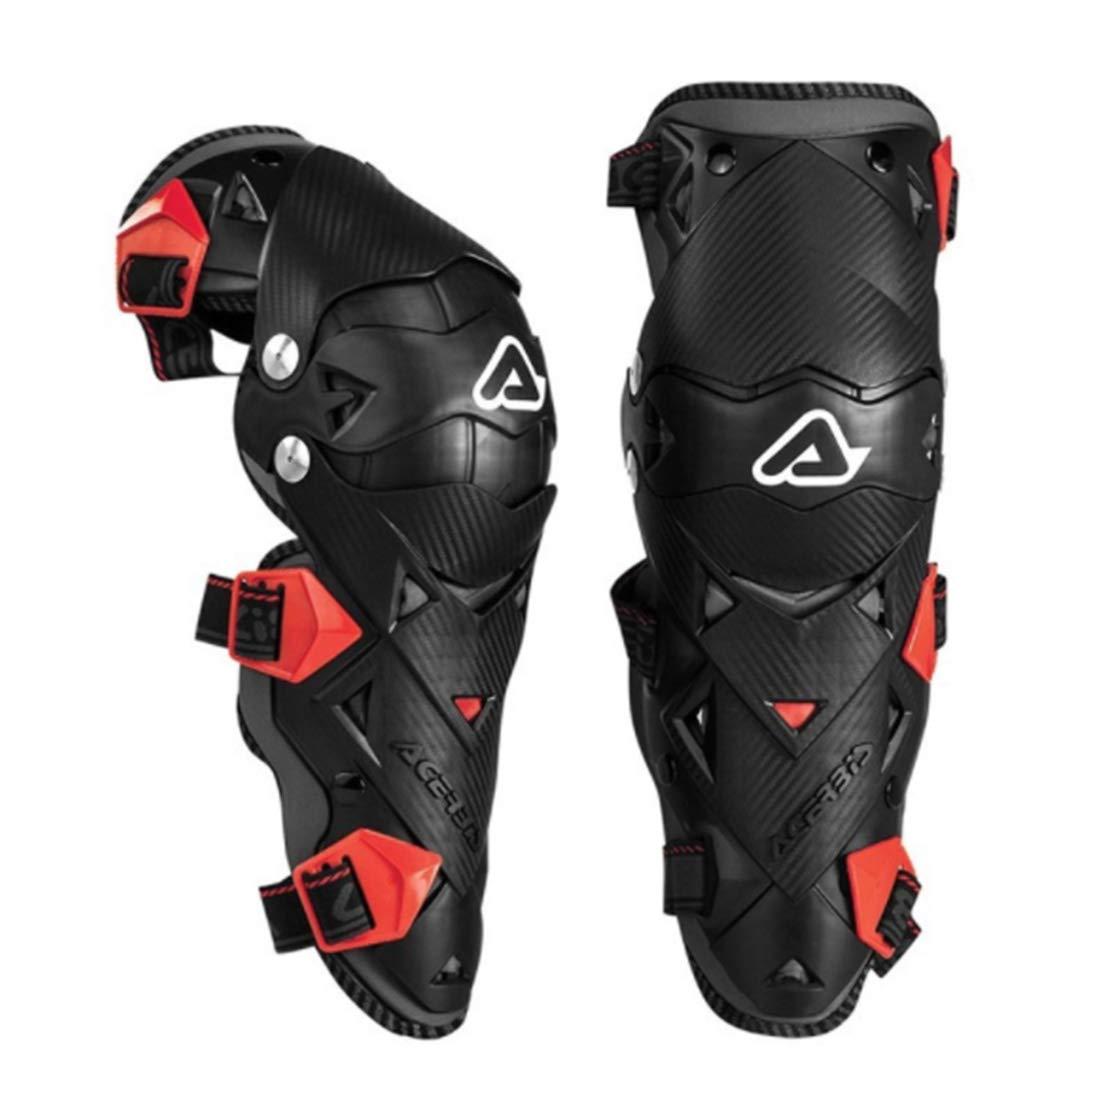 UICICI Motorrad Knieschützer Outdoor-Reiten Anti-Fall-Schutzausrüstung Motocross Radfahren Protector Guard Rüstungen Set für Radfahren Skating Skifahren Reiten